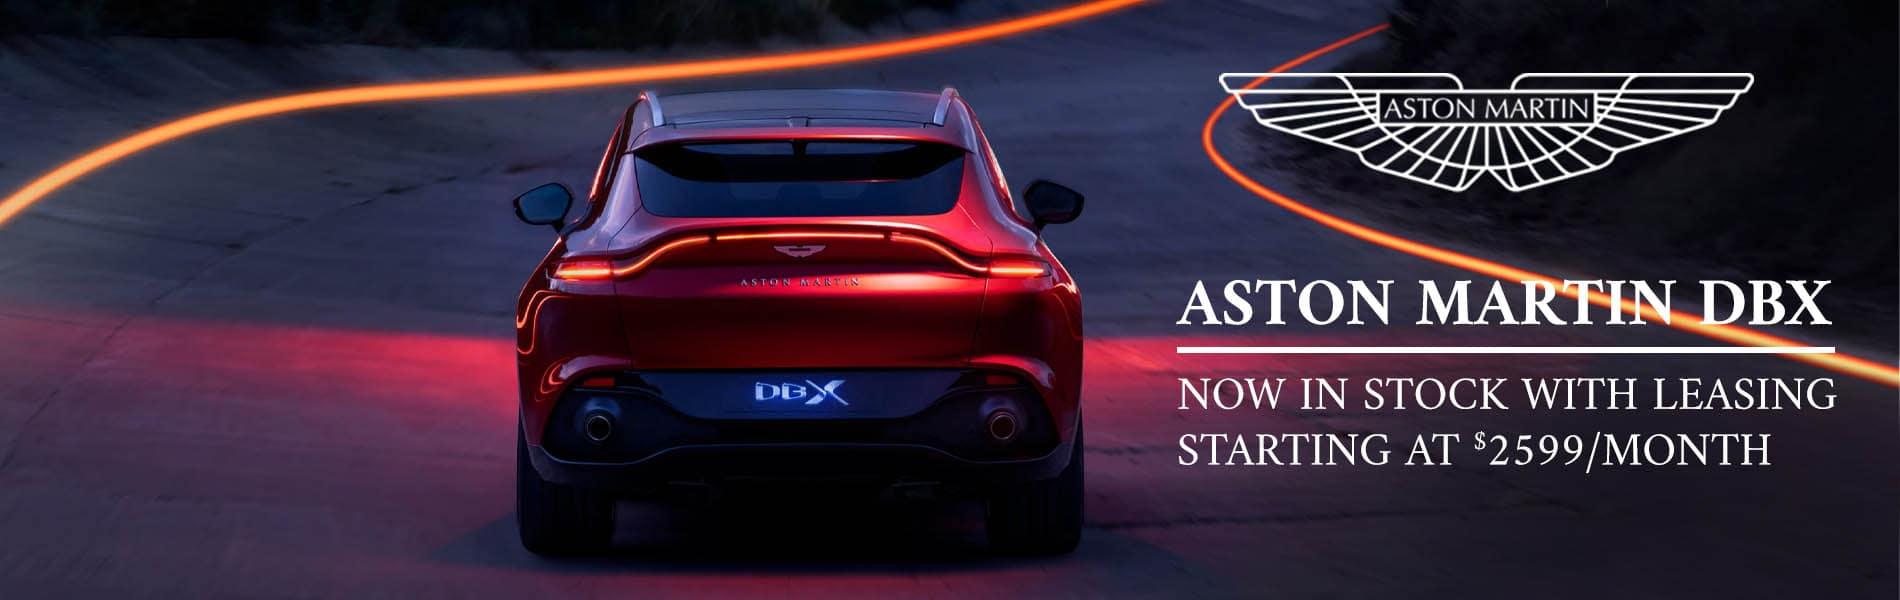 Cleveland MS Aston Martin DBX slider (1)